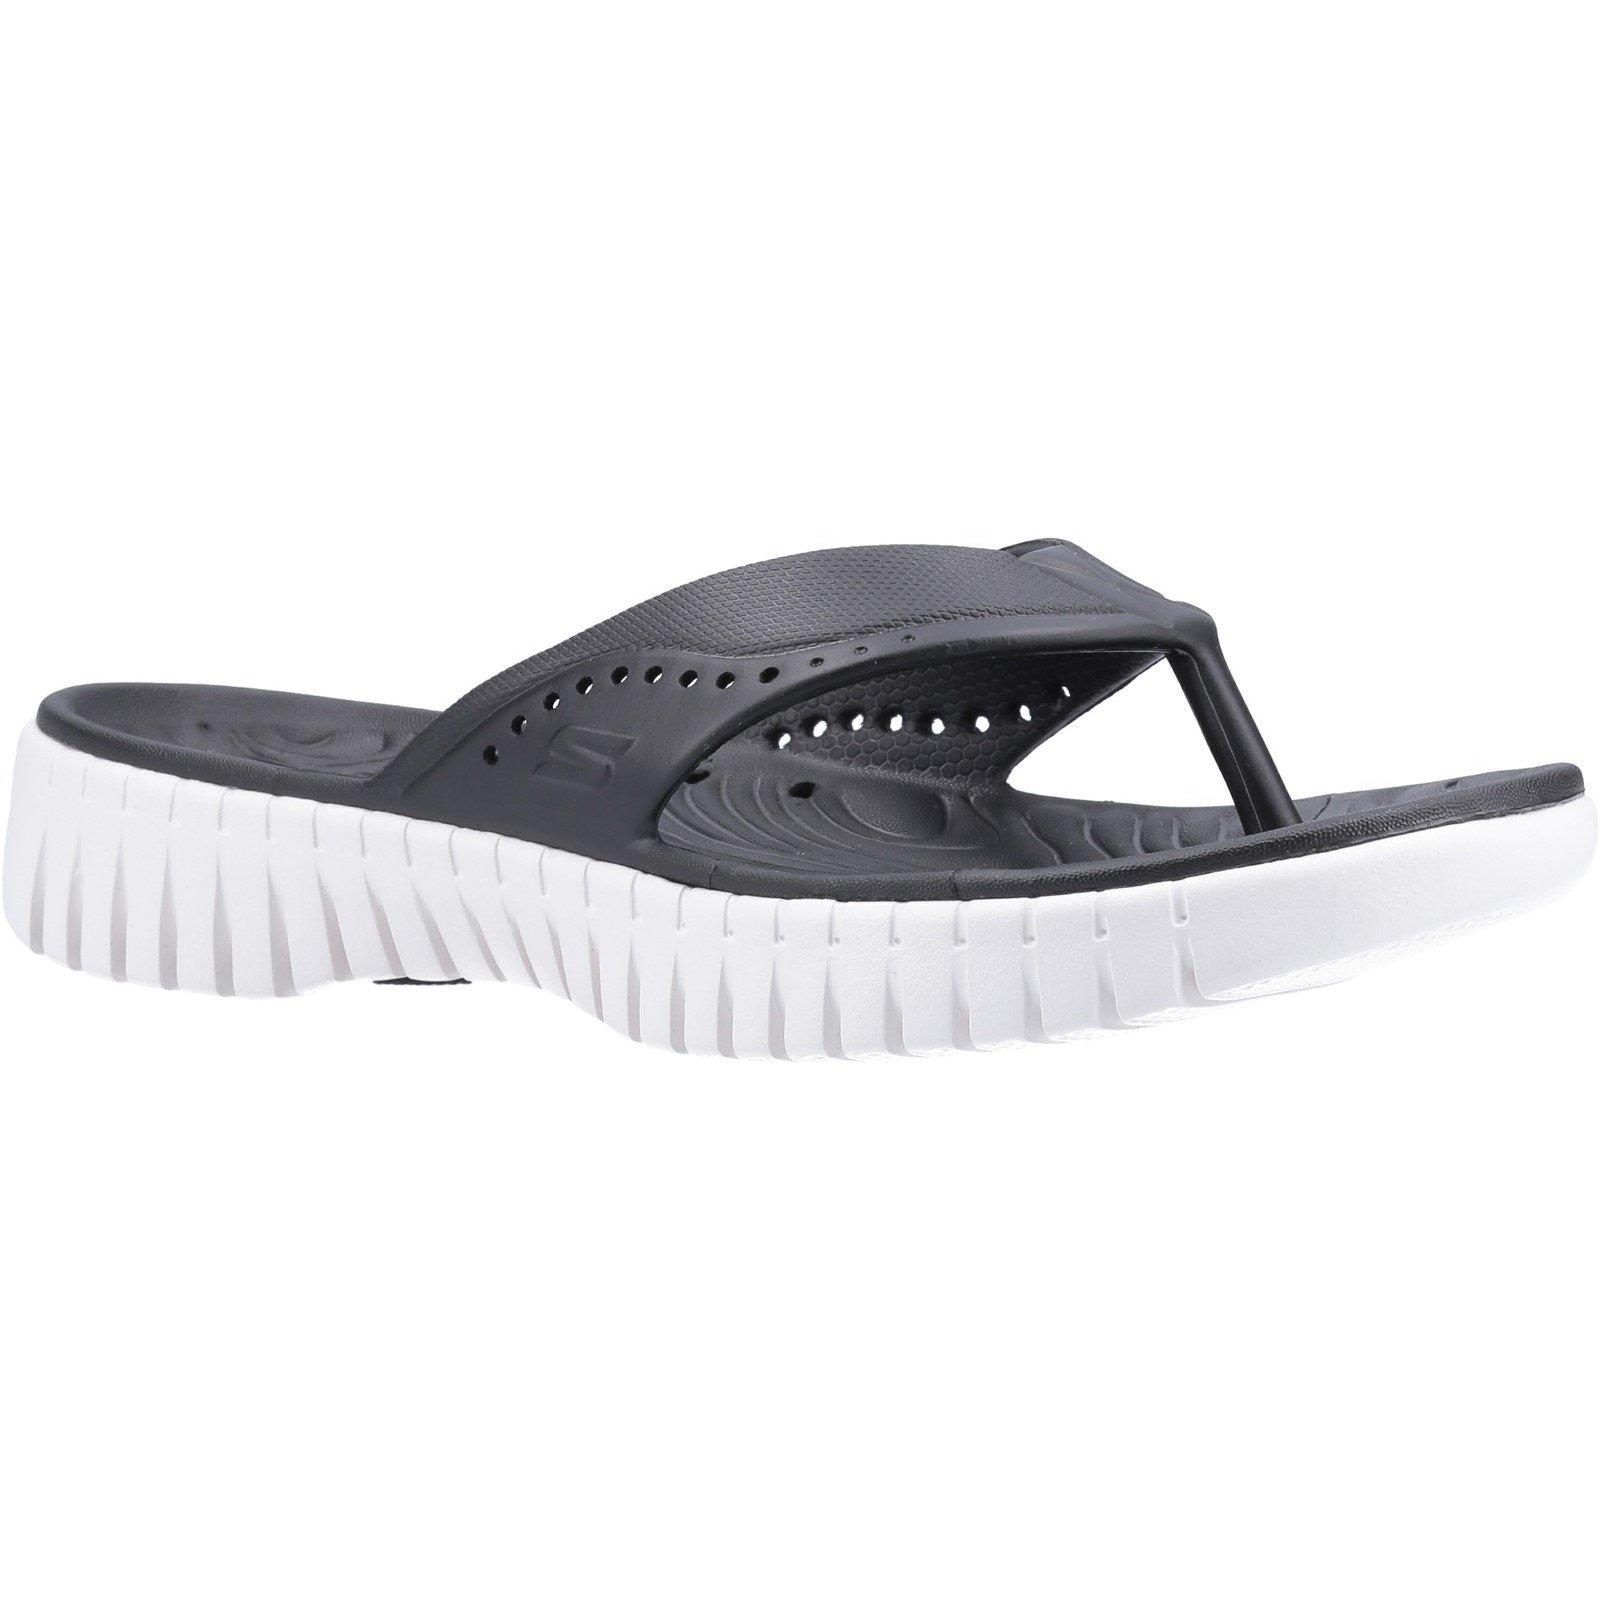 Skechers Women's GOwalk Smart Mahalo Sandal Various Colours 32371 - Black/White 4